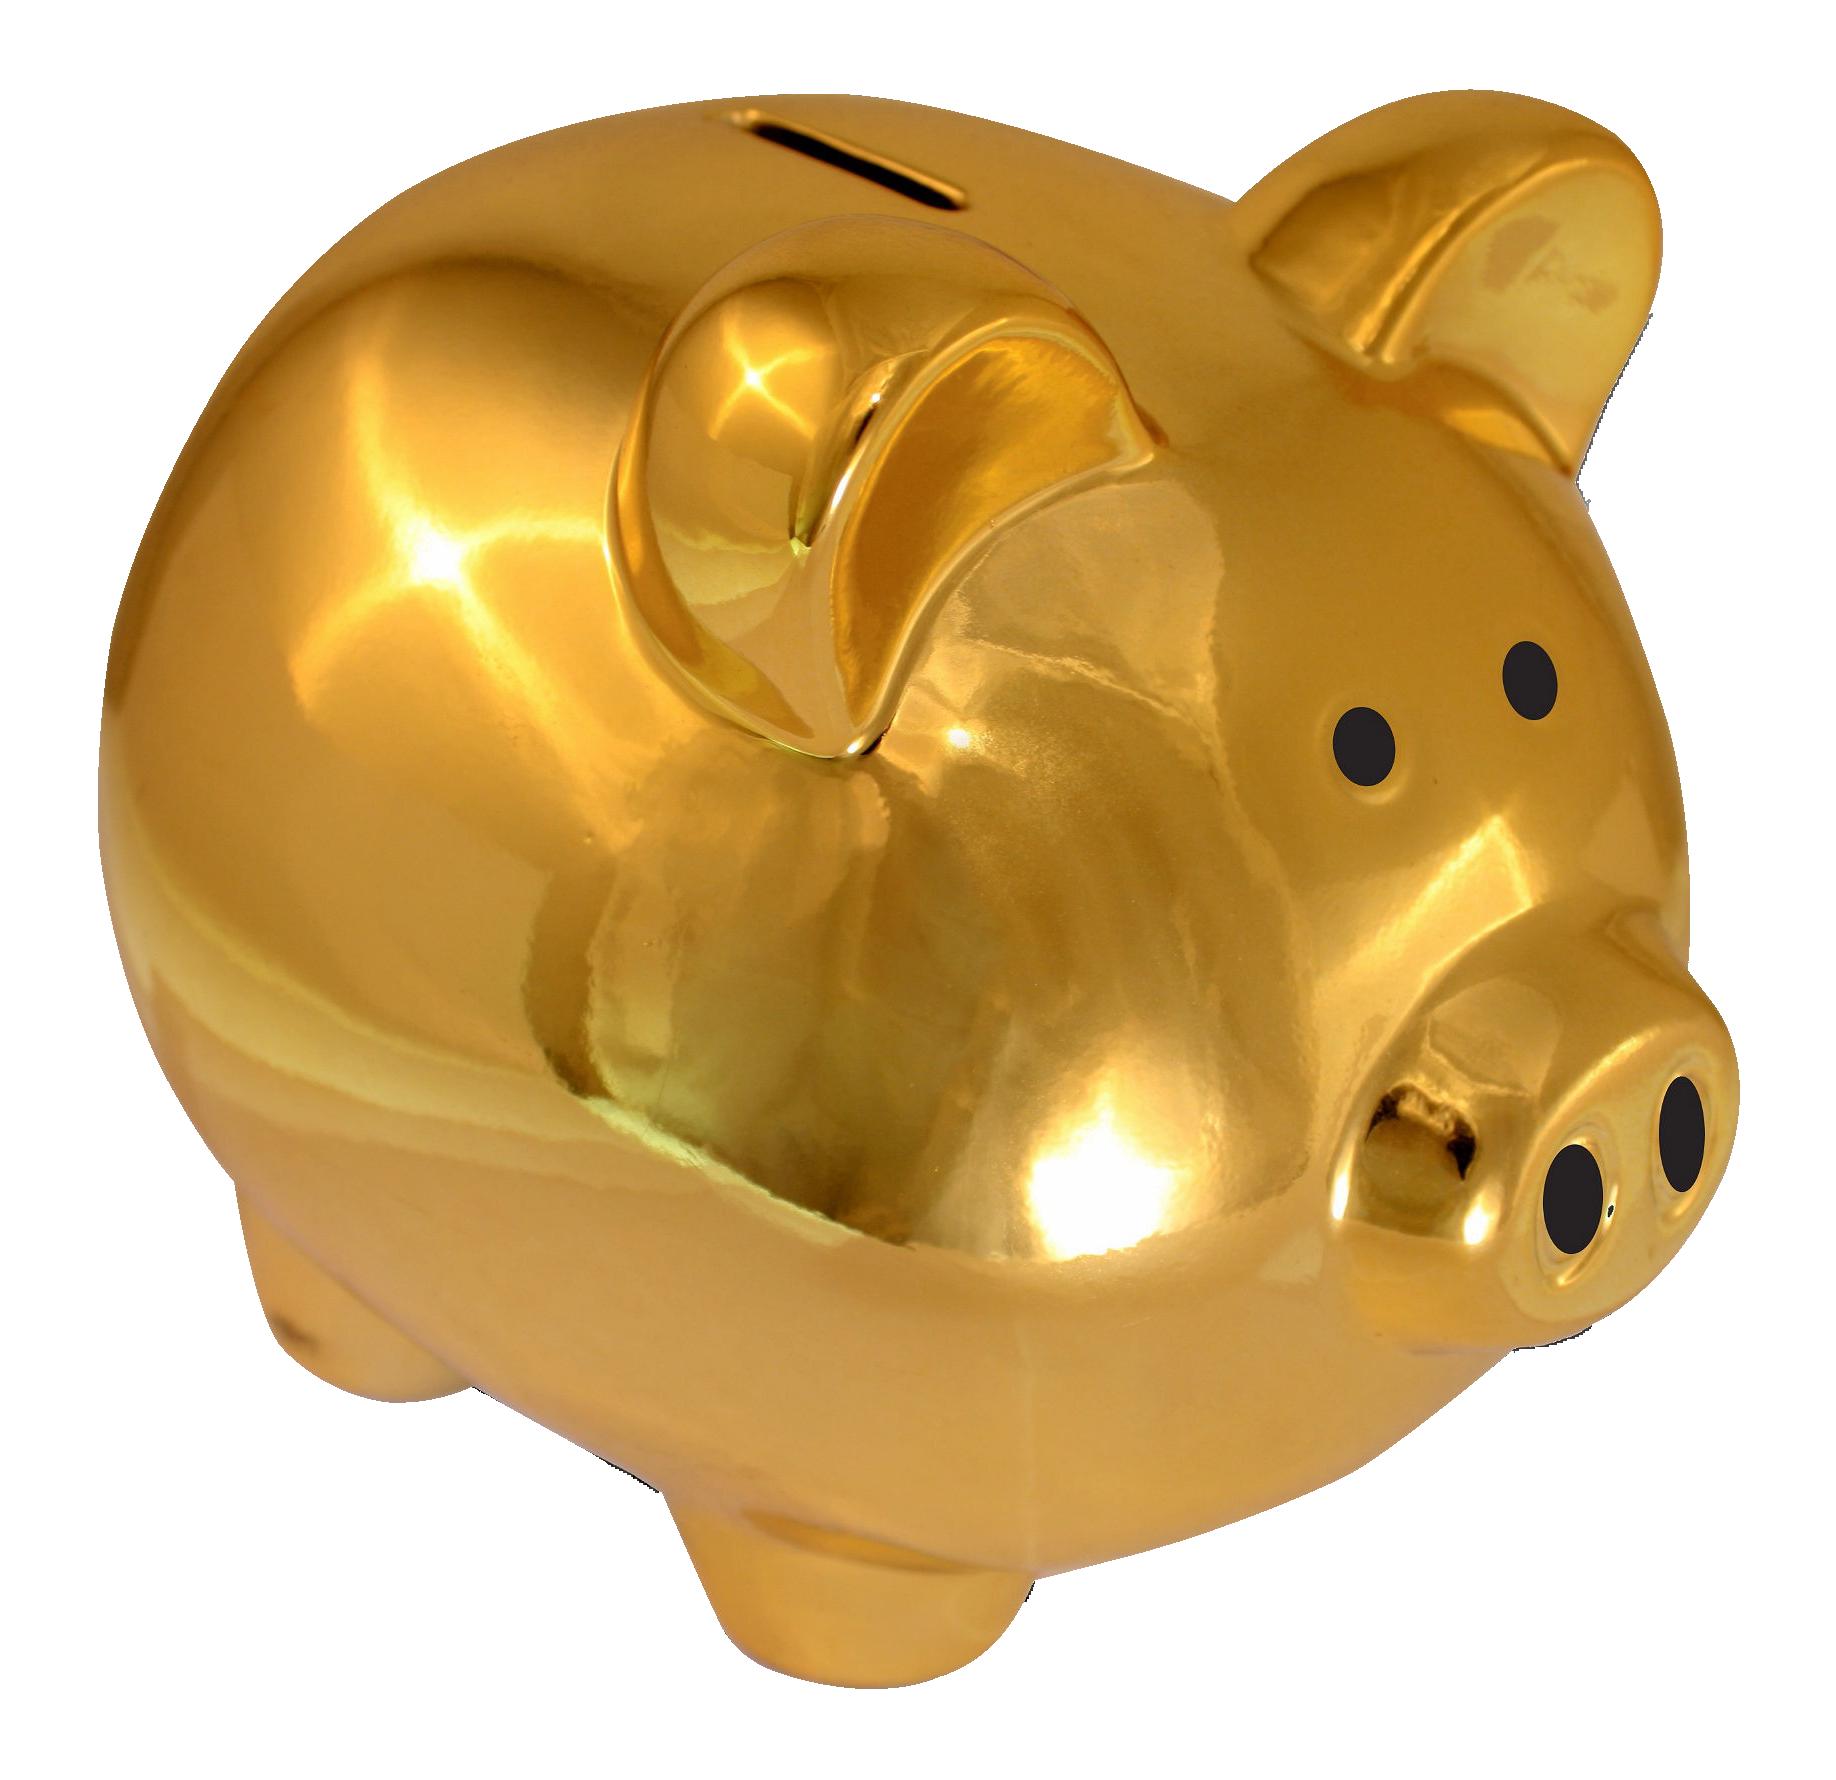 Piggy Bank PNG Transparent Image.